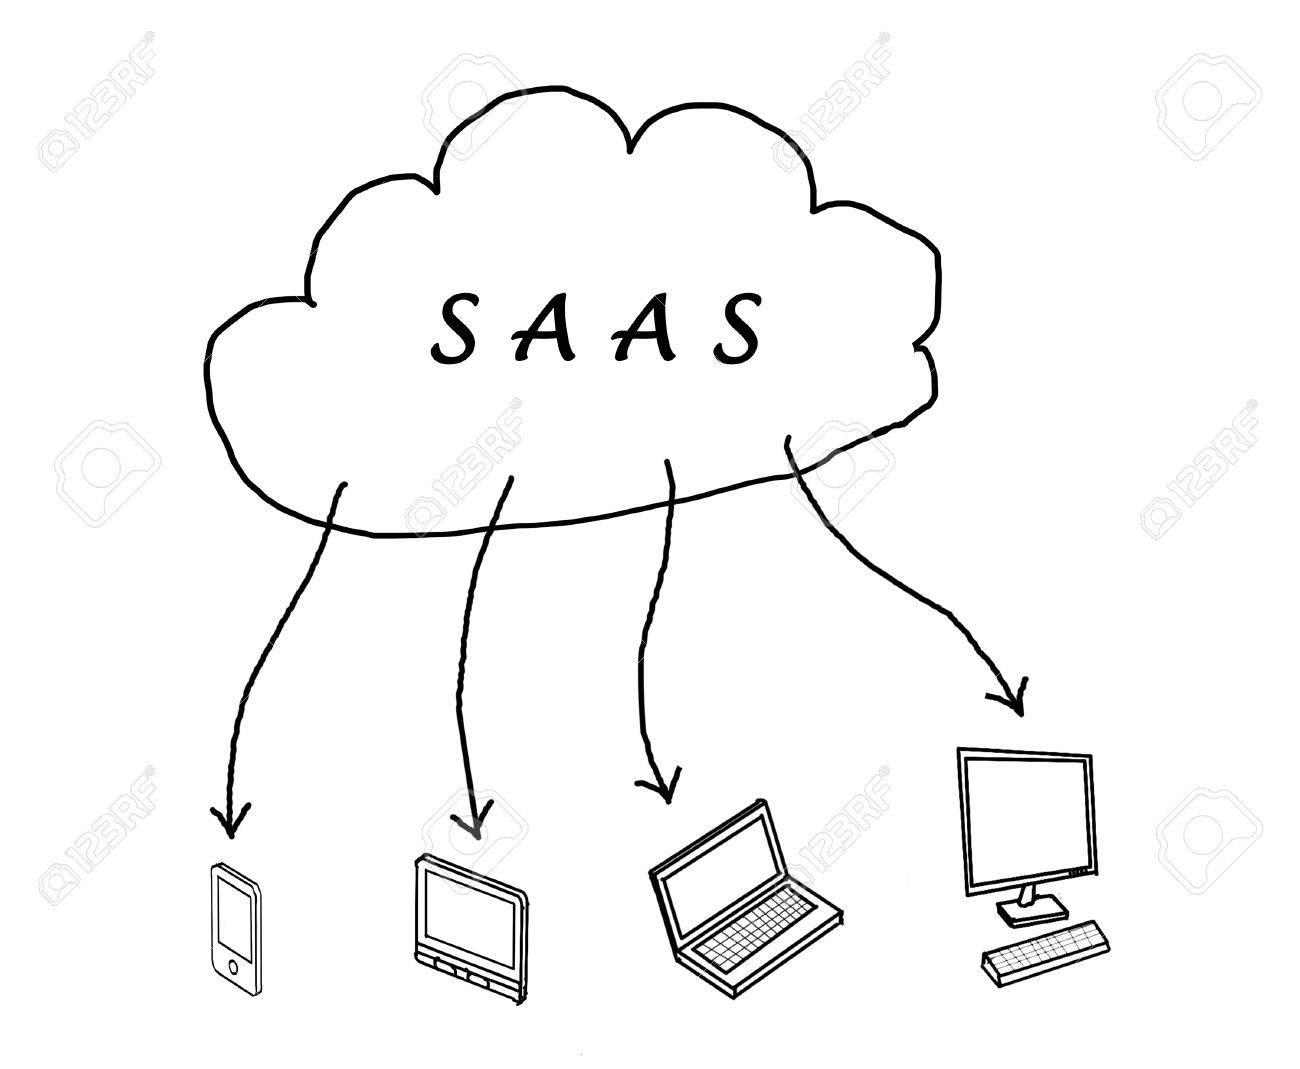 SAAS diagram Stock Photo - 24747006